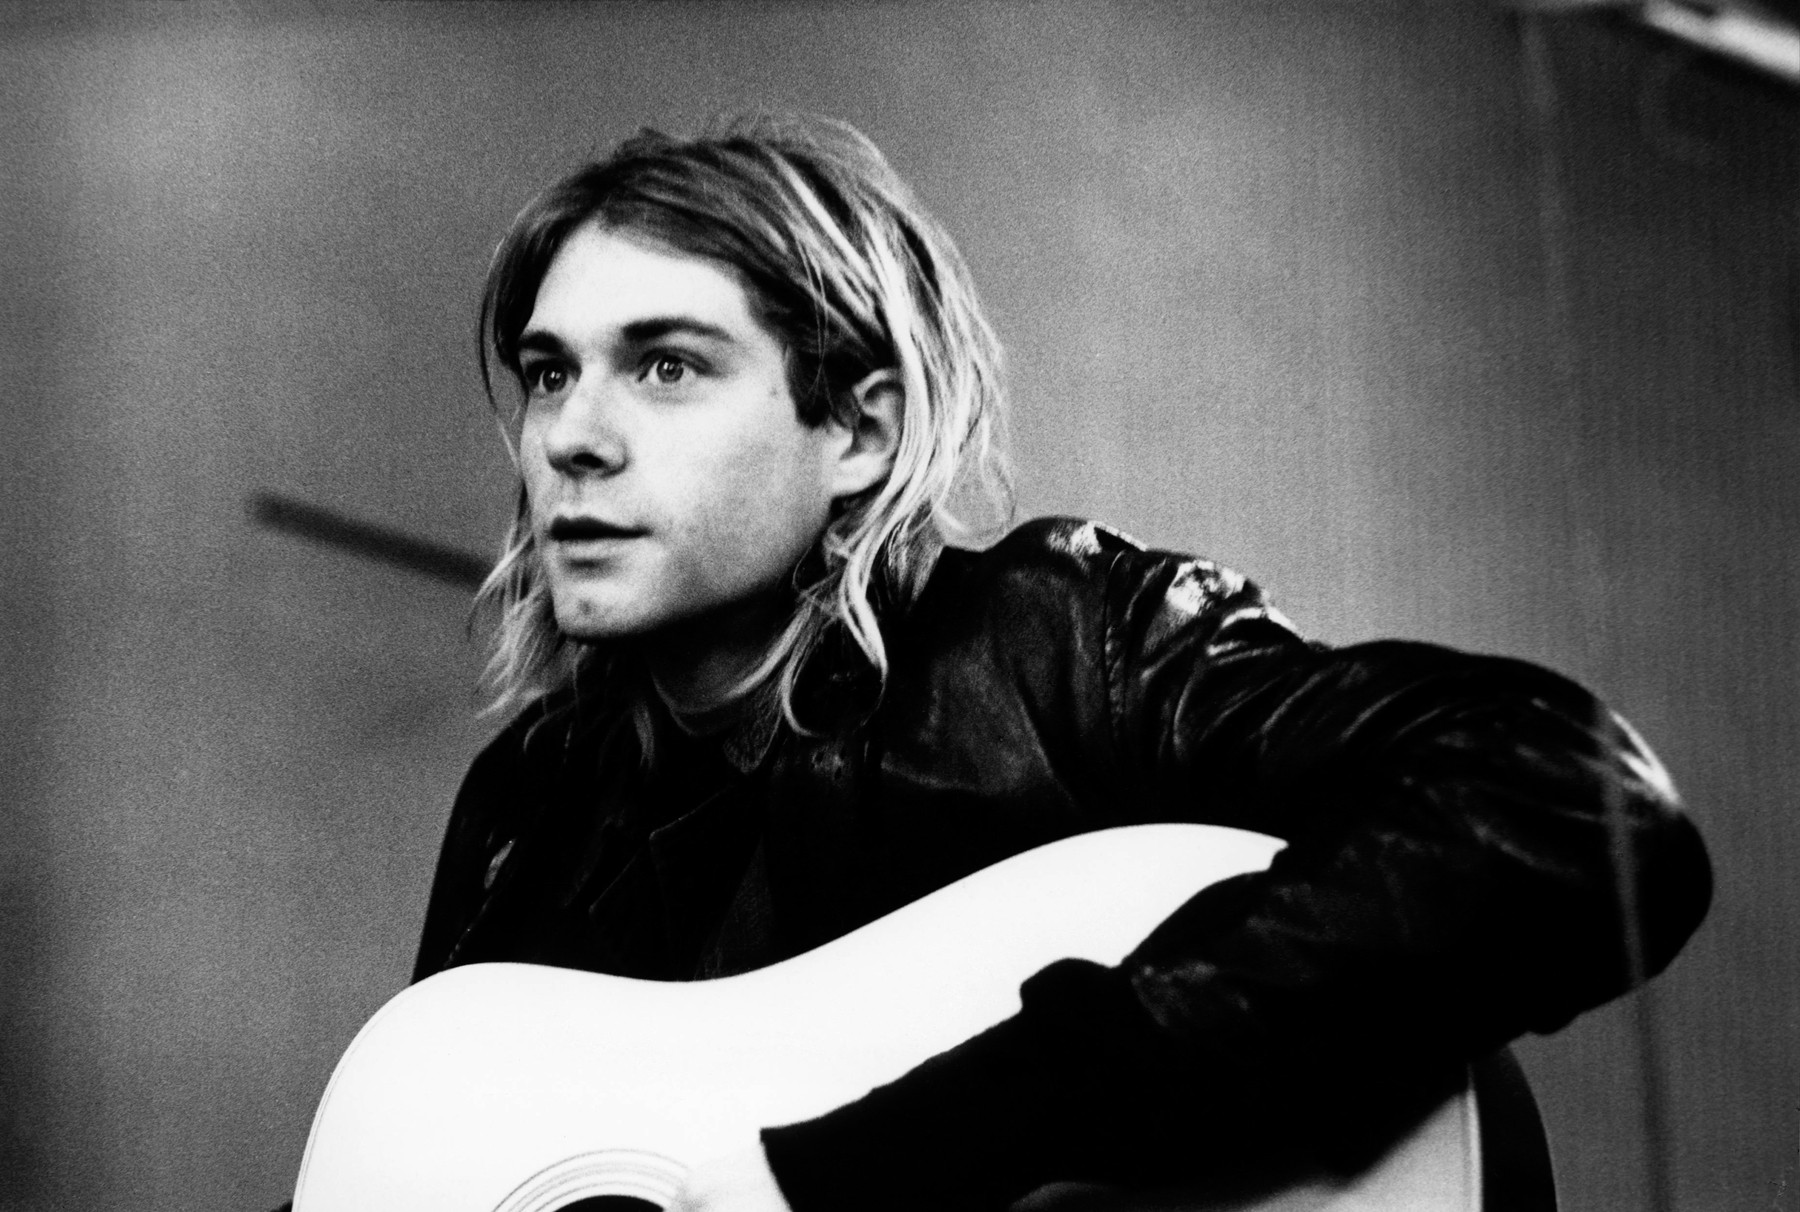 d33aad02d512 Kurt Cobain